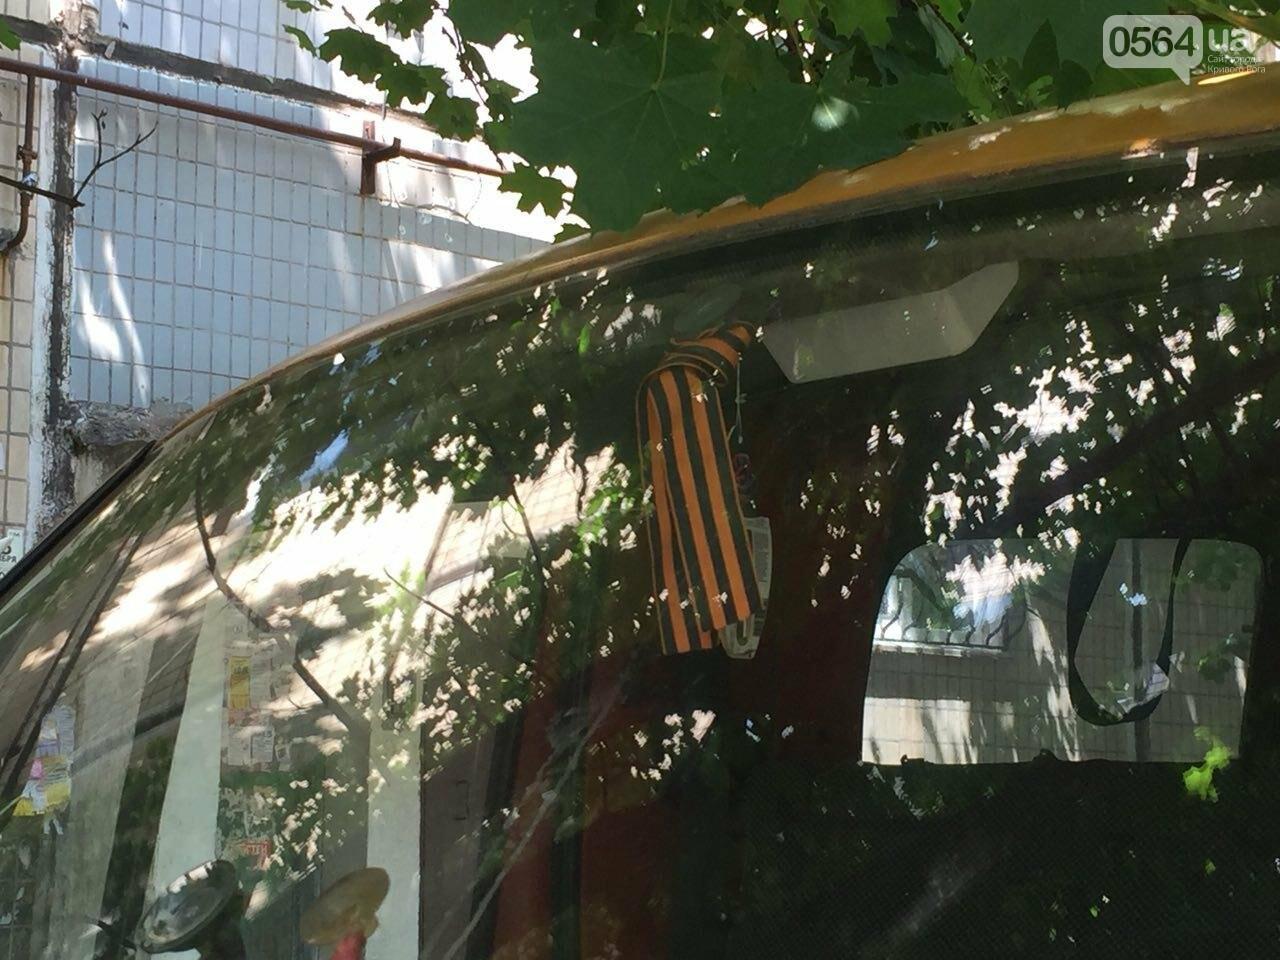 """""""Почему я должен менять свою веру!"""", - Возле многоэтажки в Кривом Роге обнаружили автомобиль с запрещенной символикой, - ФОТО, фото-3"""